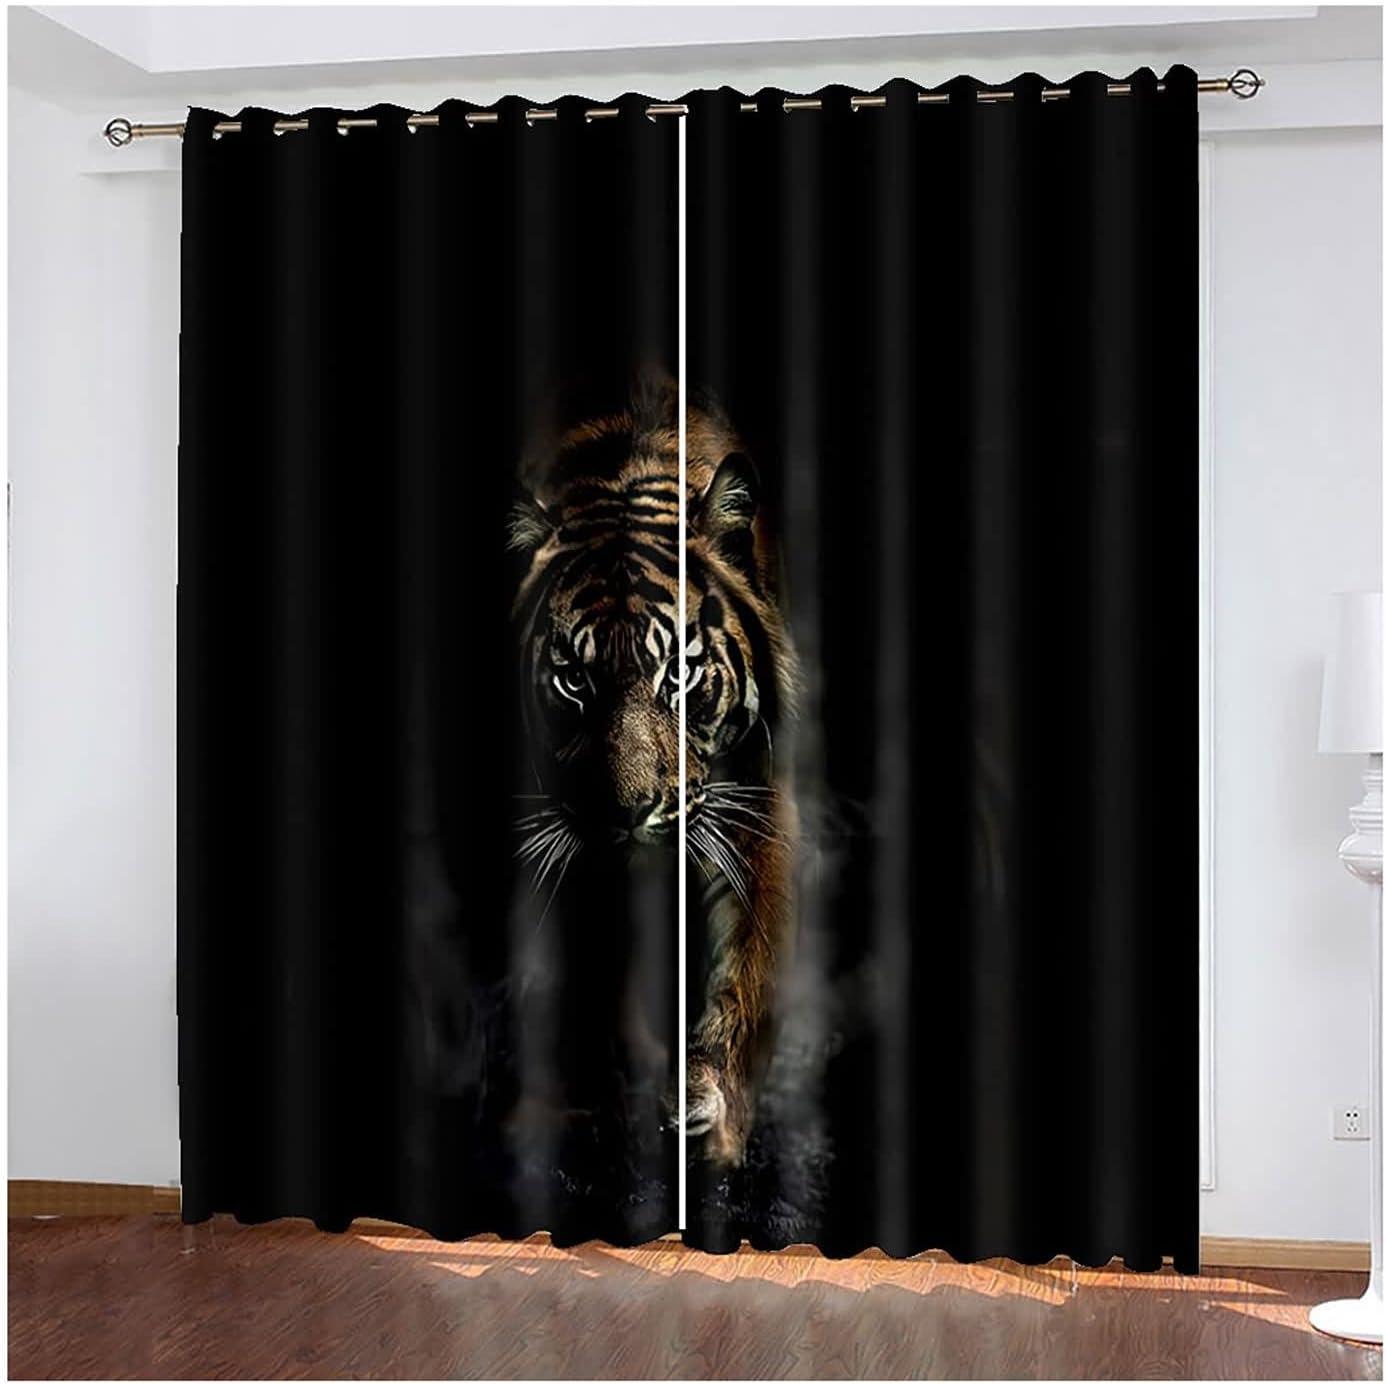 Max 83% OFF Curtains for Livingroom Popular overseas 2 Panel Drapes Darkenin Living Room